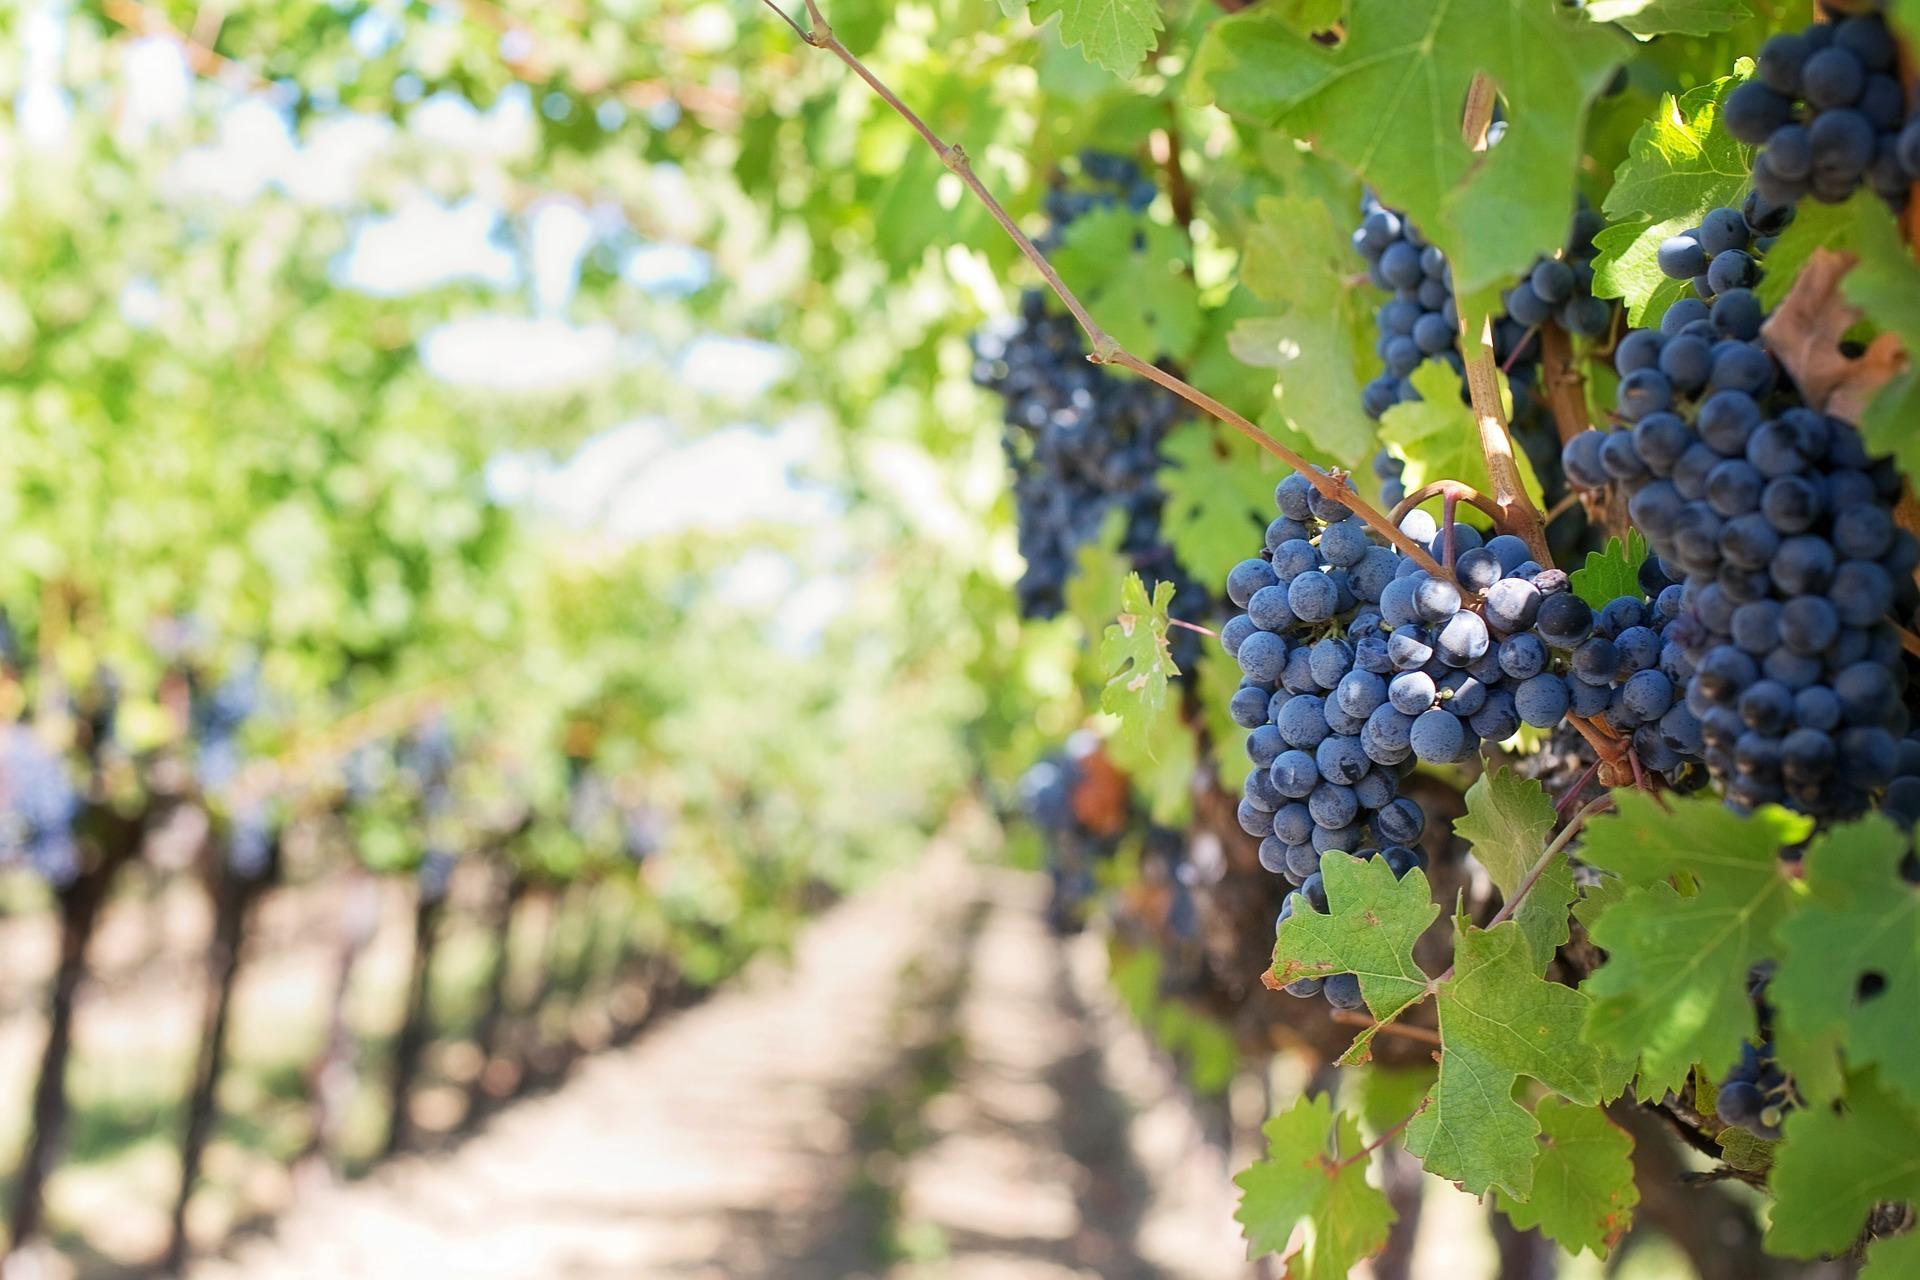 chili, amérique latine, amérique du sud, vignobles, vins, pisco sour